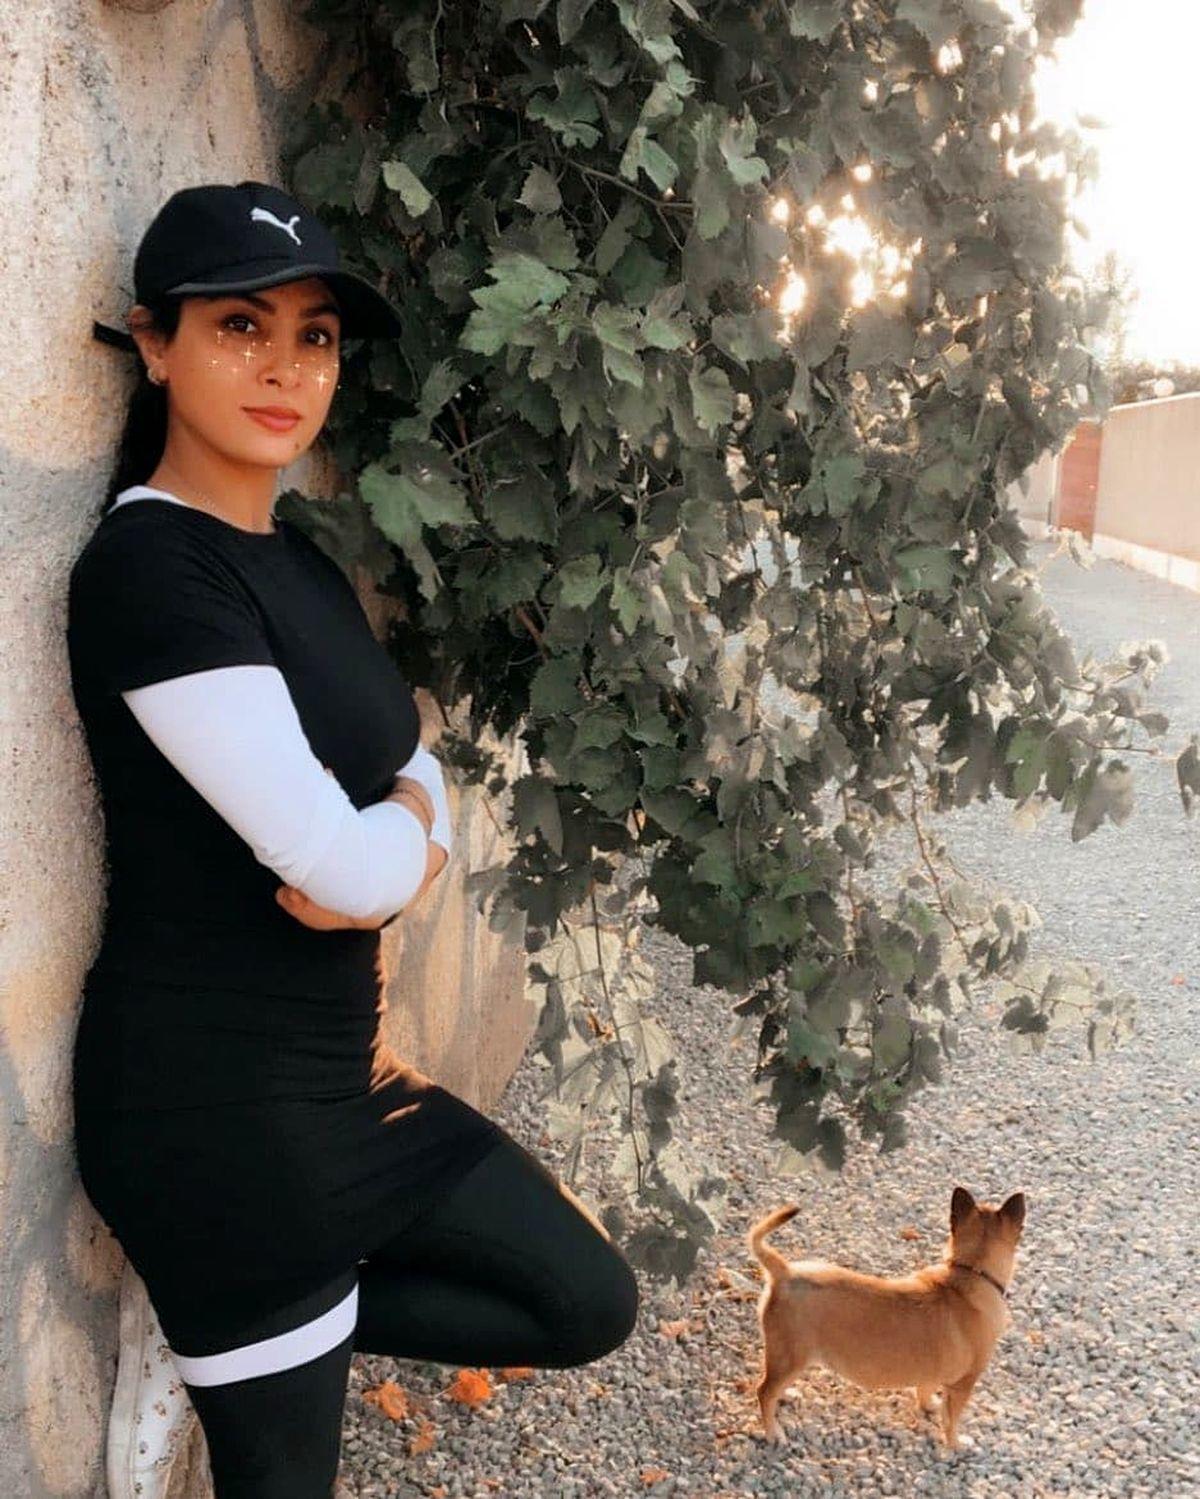 چالش رقص جدید حدیث تهرانی و همسرش در ولنتاین + فیلم